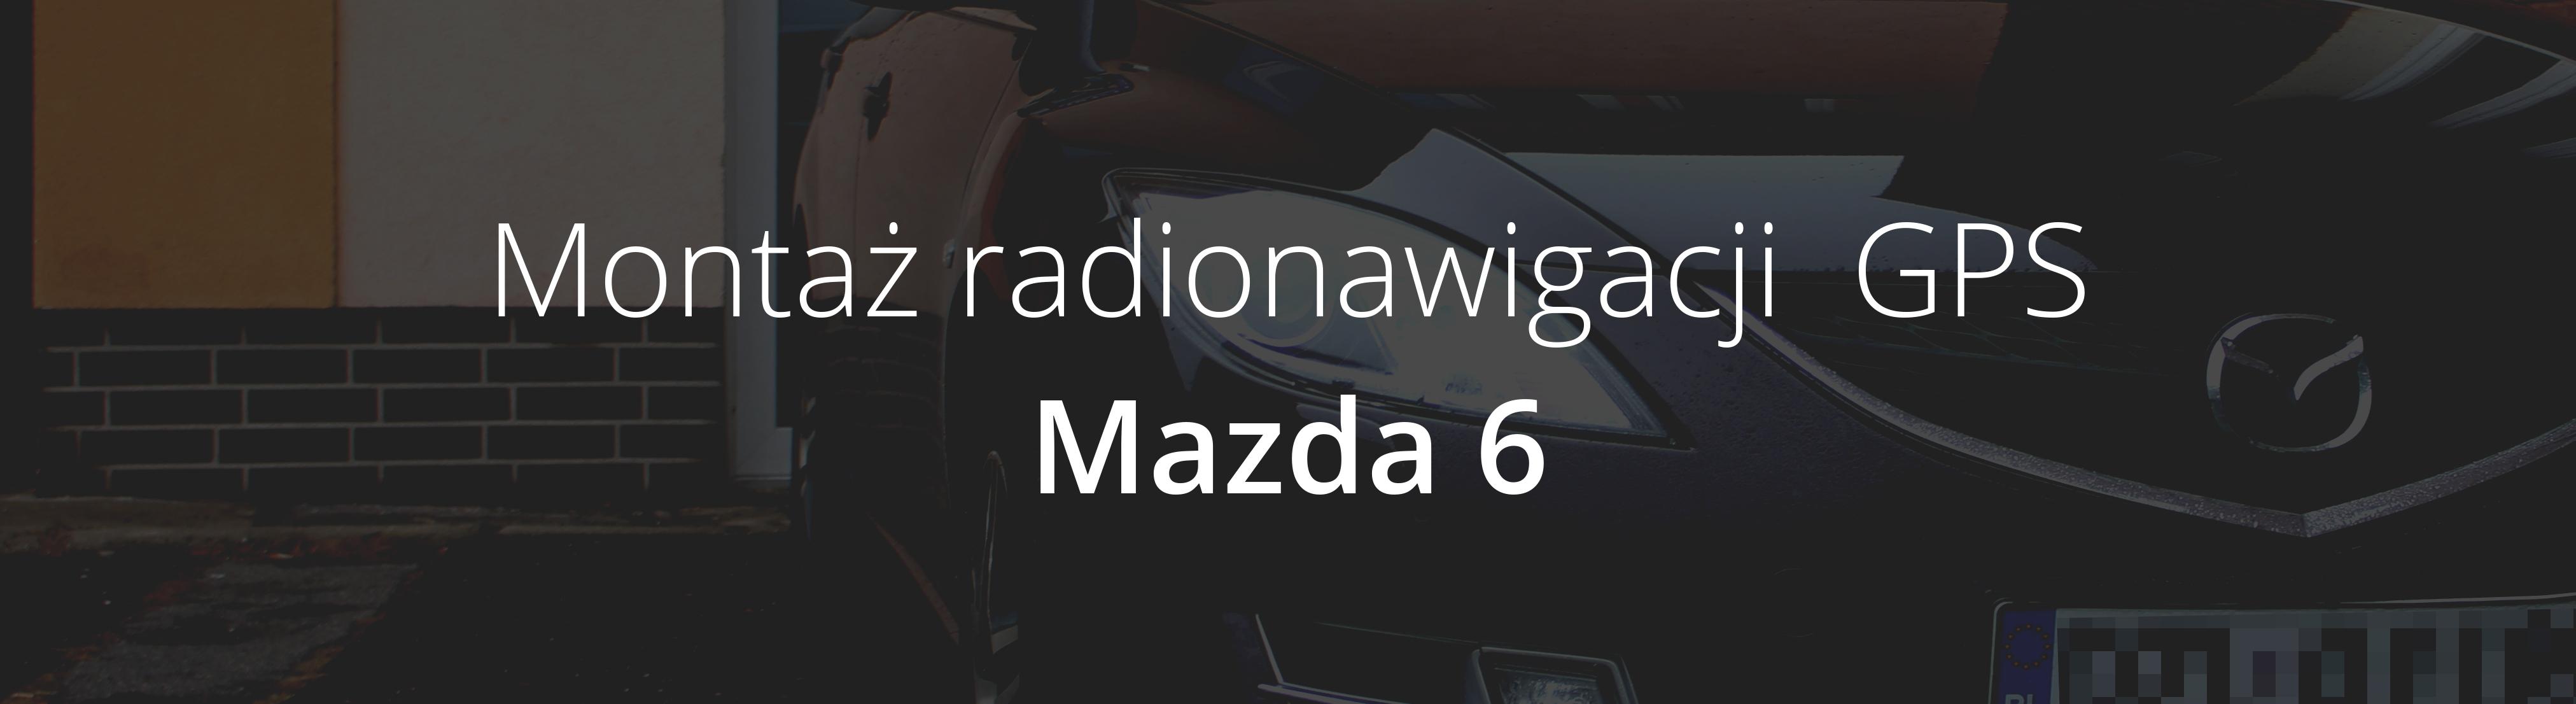 Wspaniały Auto Nawigacje i Radio Nawigacje - dedykowane, uniwersalne VS92